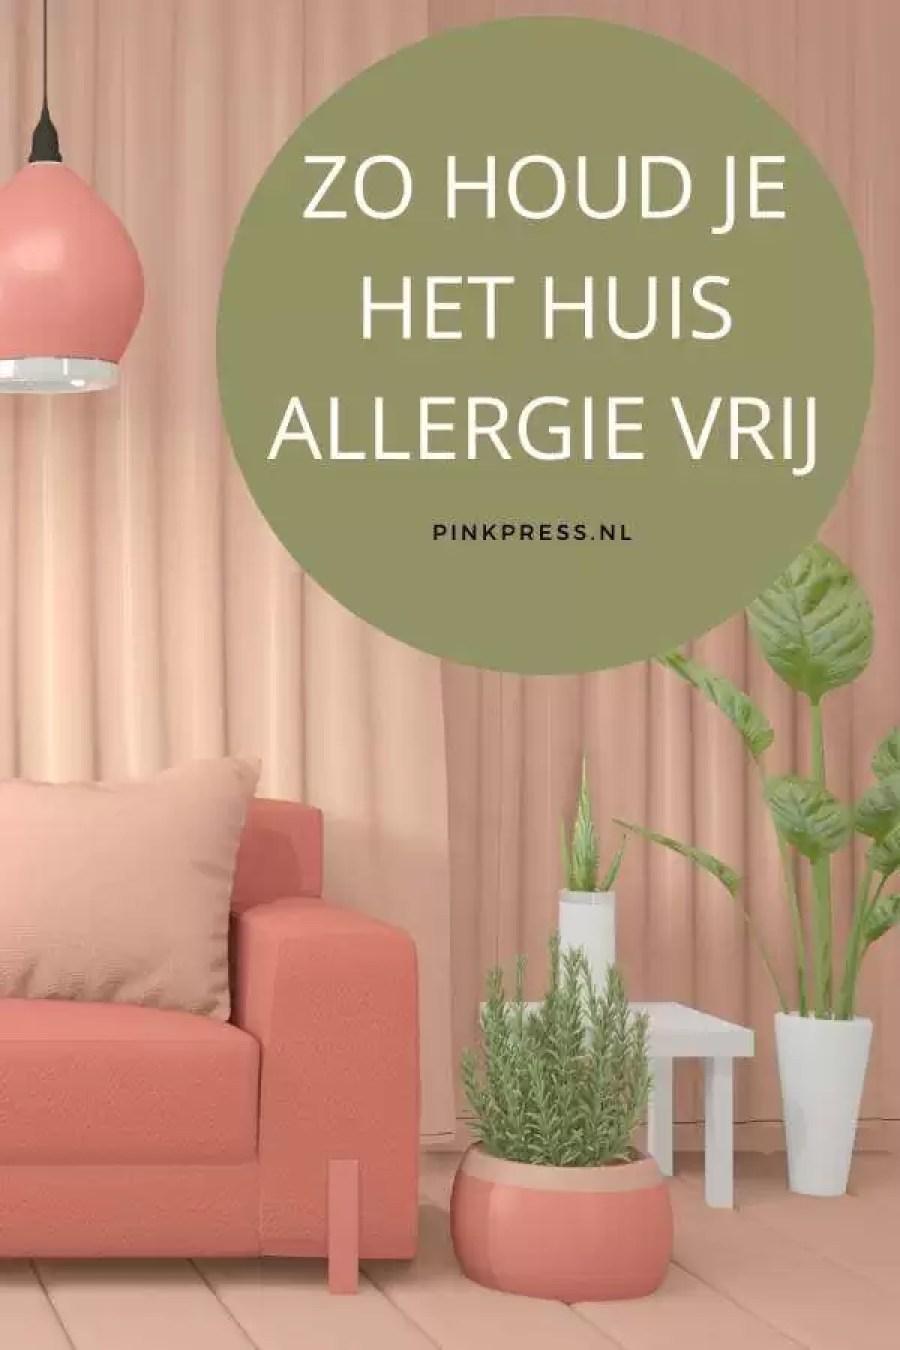 zo houd je het huis allergie vrij